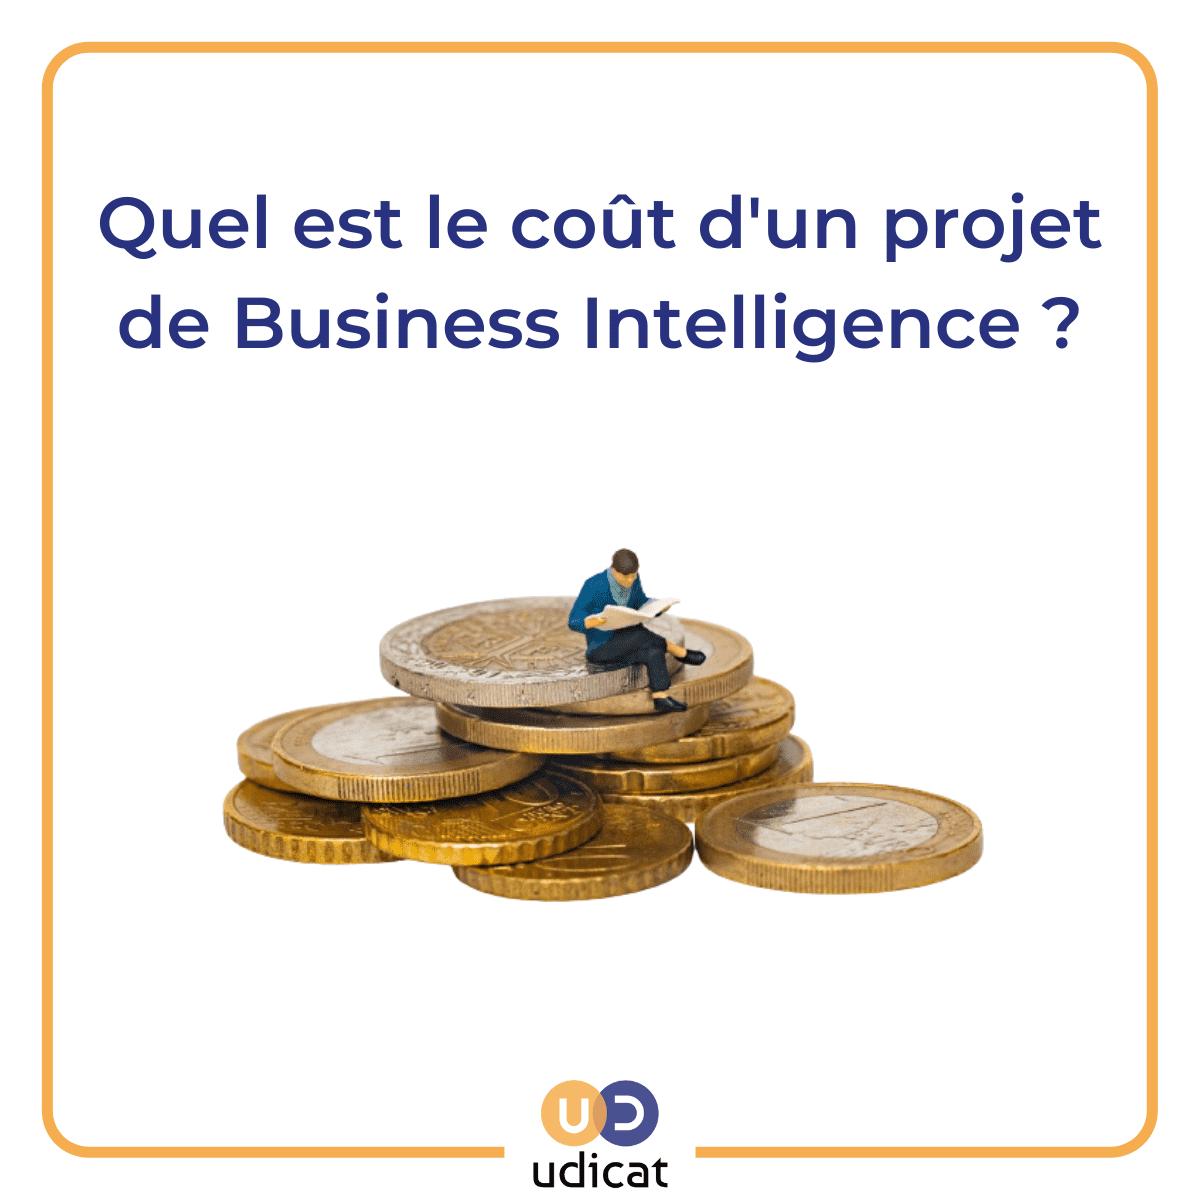 Image montrant un homme lisant un livre, assis sur des pièces de monnaie, avec pour titre quel est le coût d'un projet de Business Intelligence ?